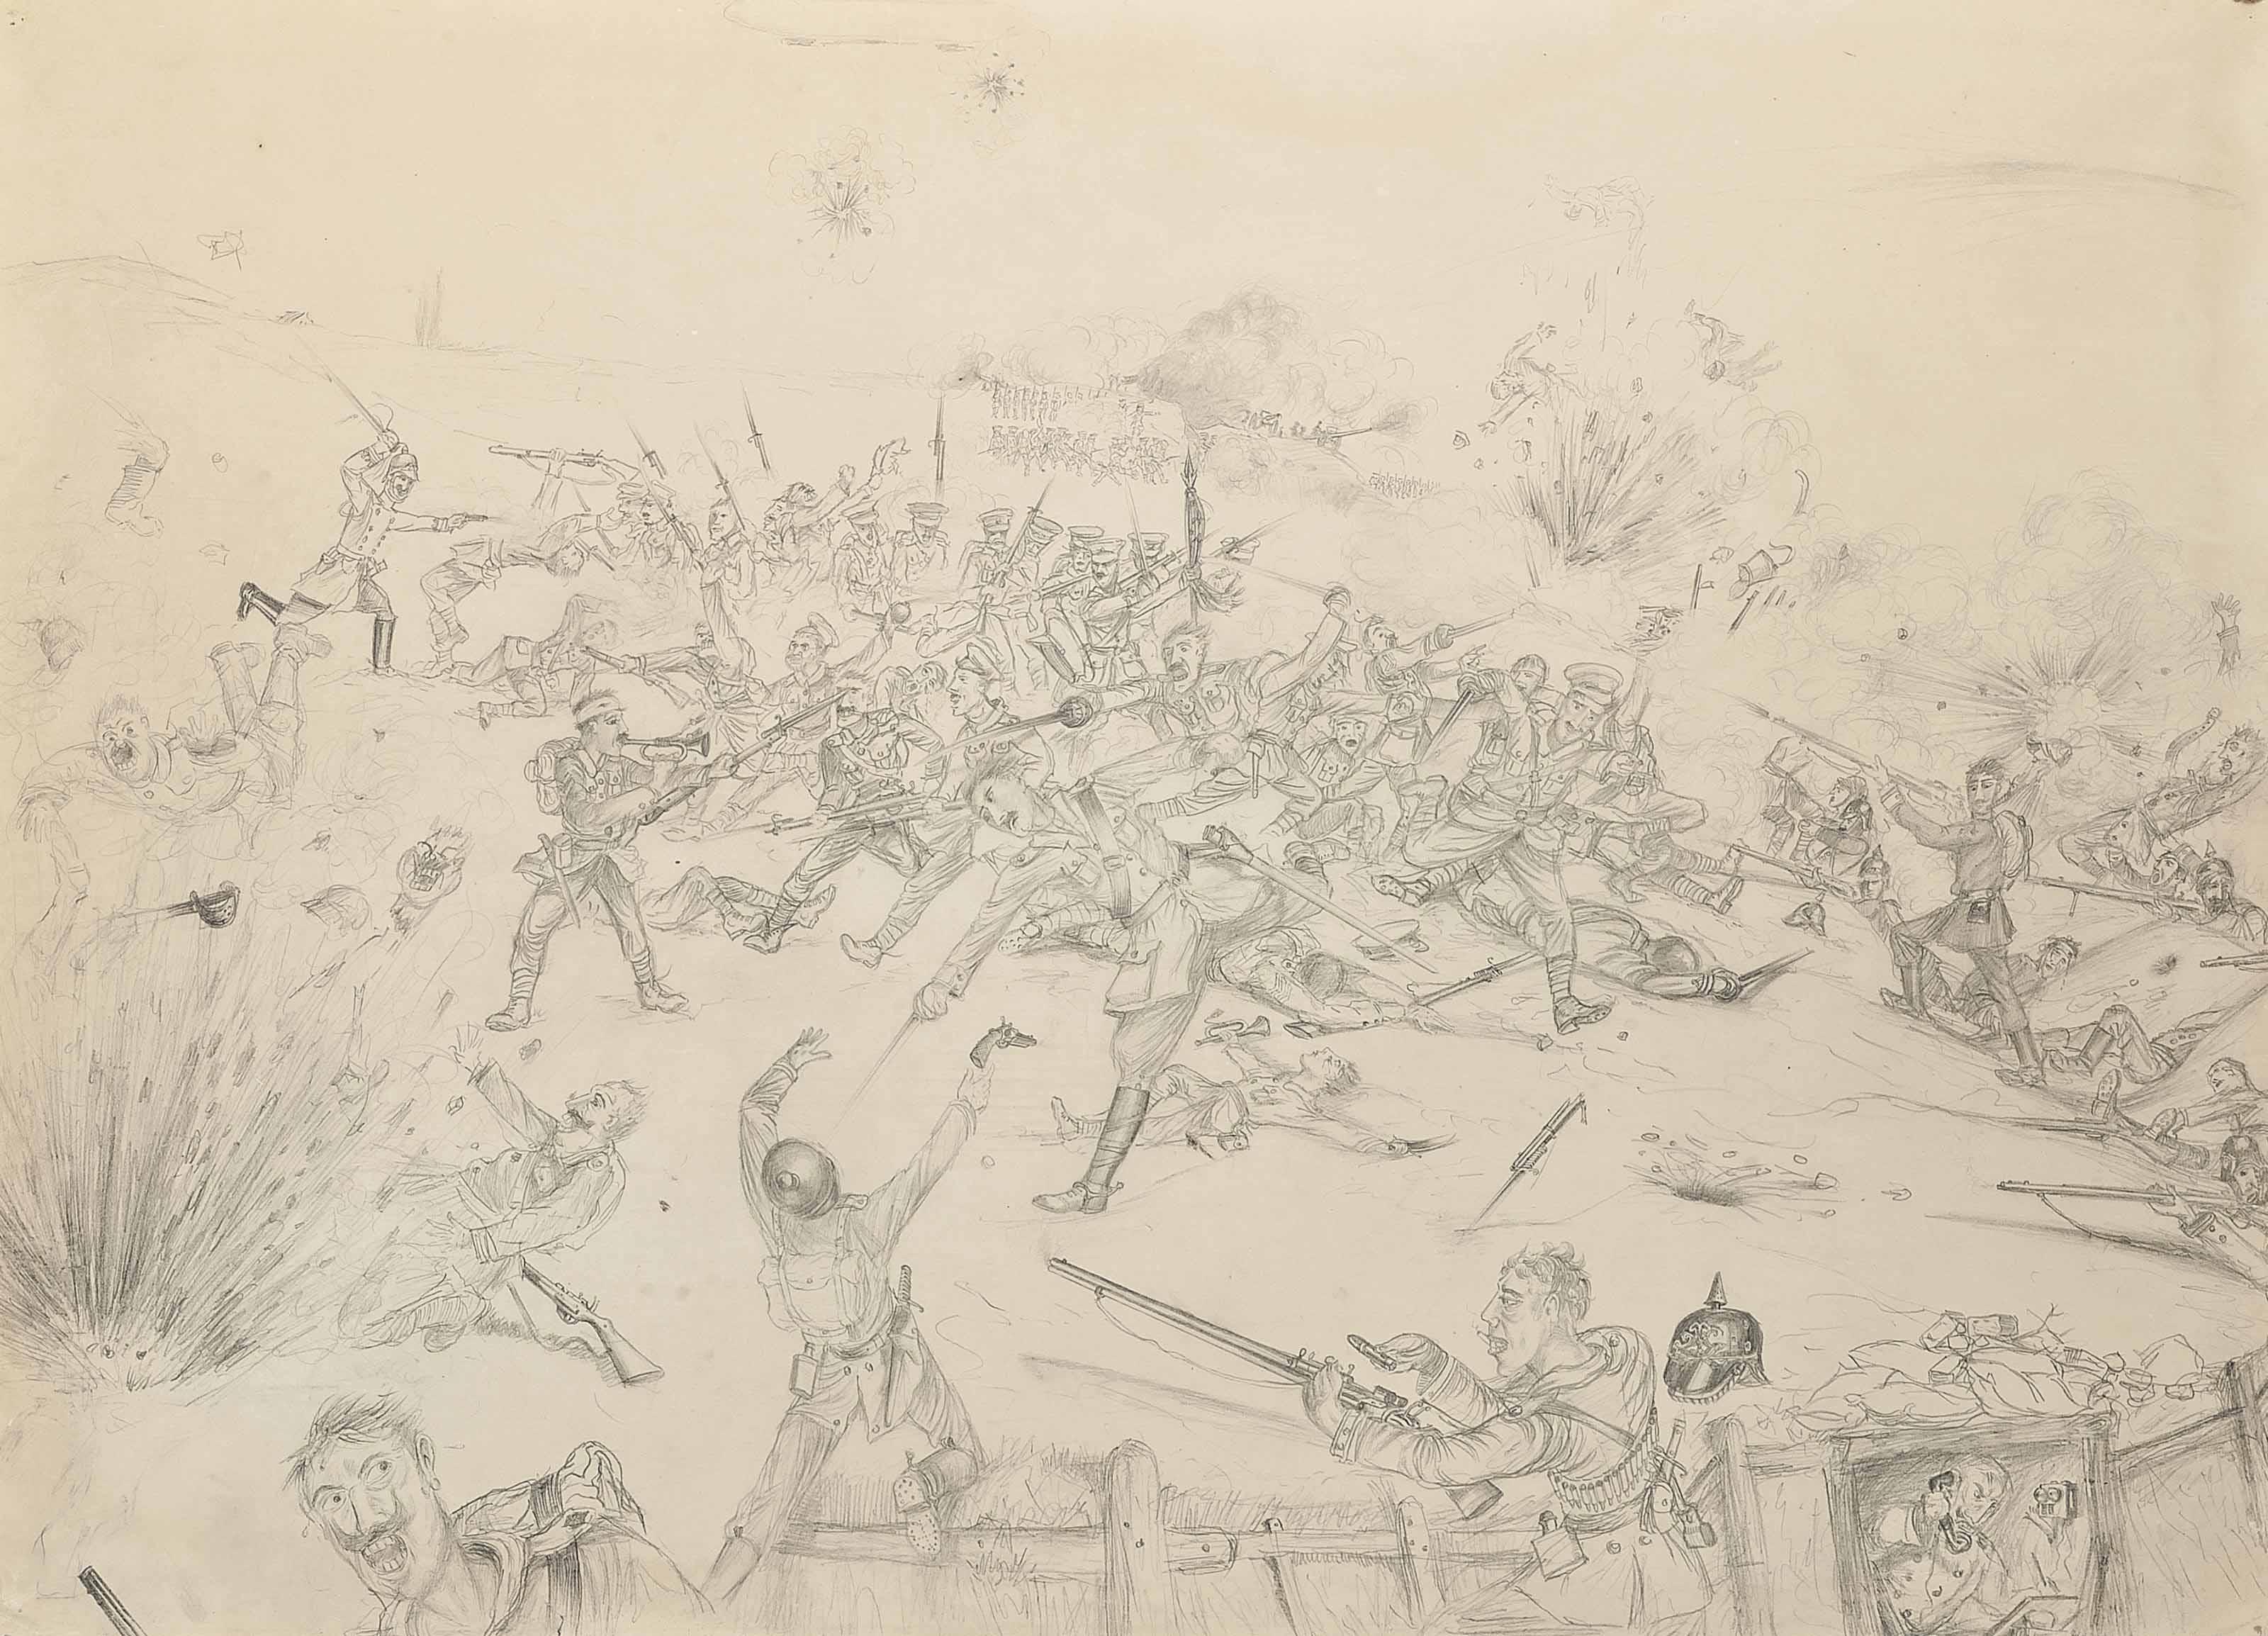 An imagined World War I battle scene